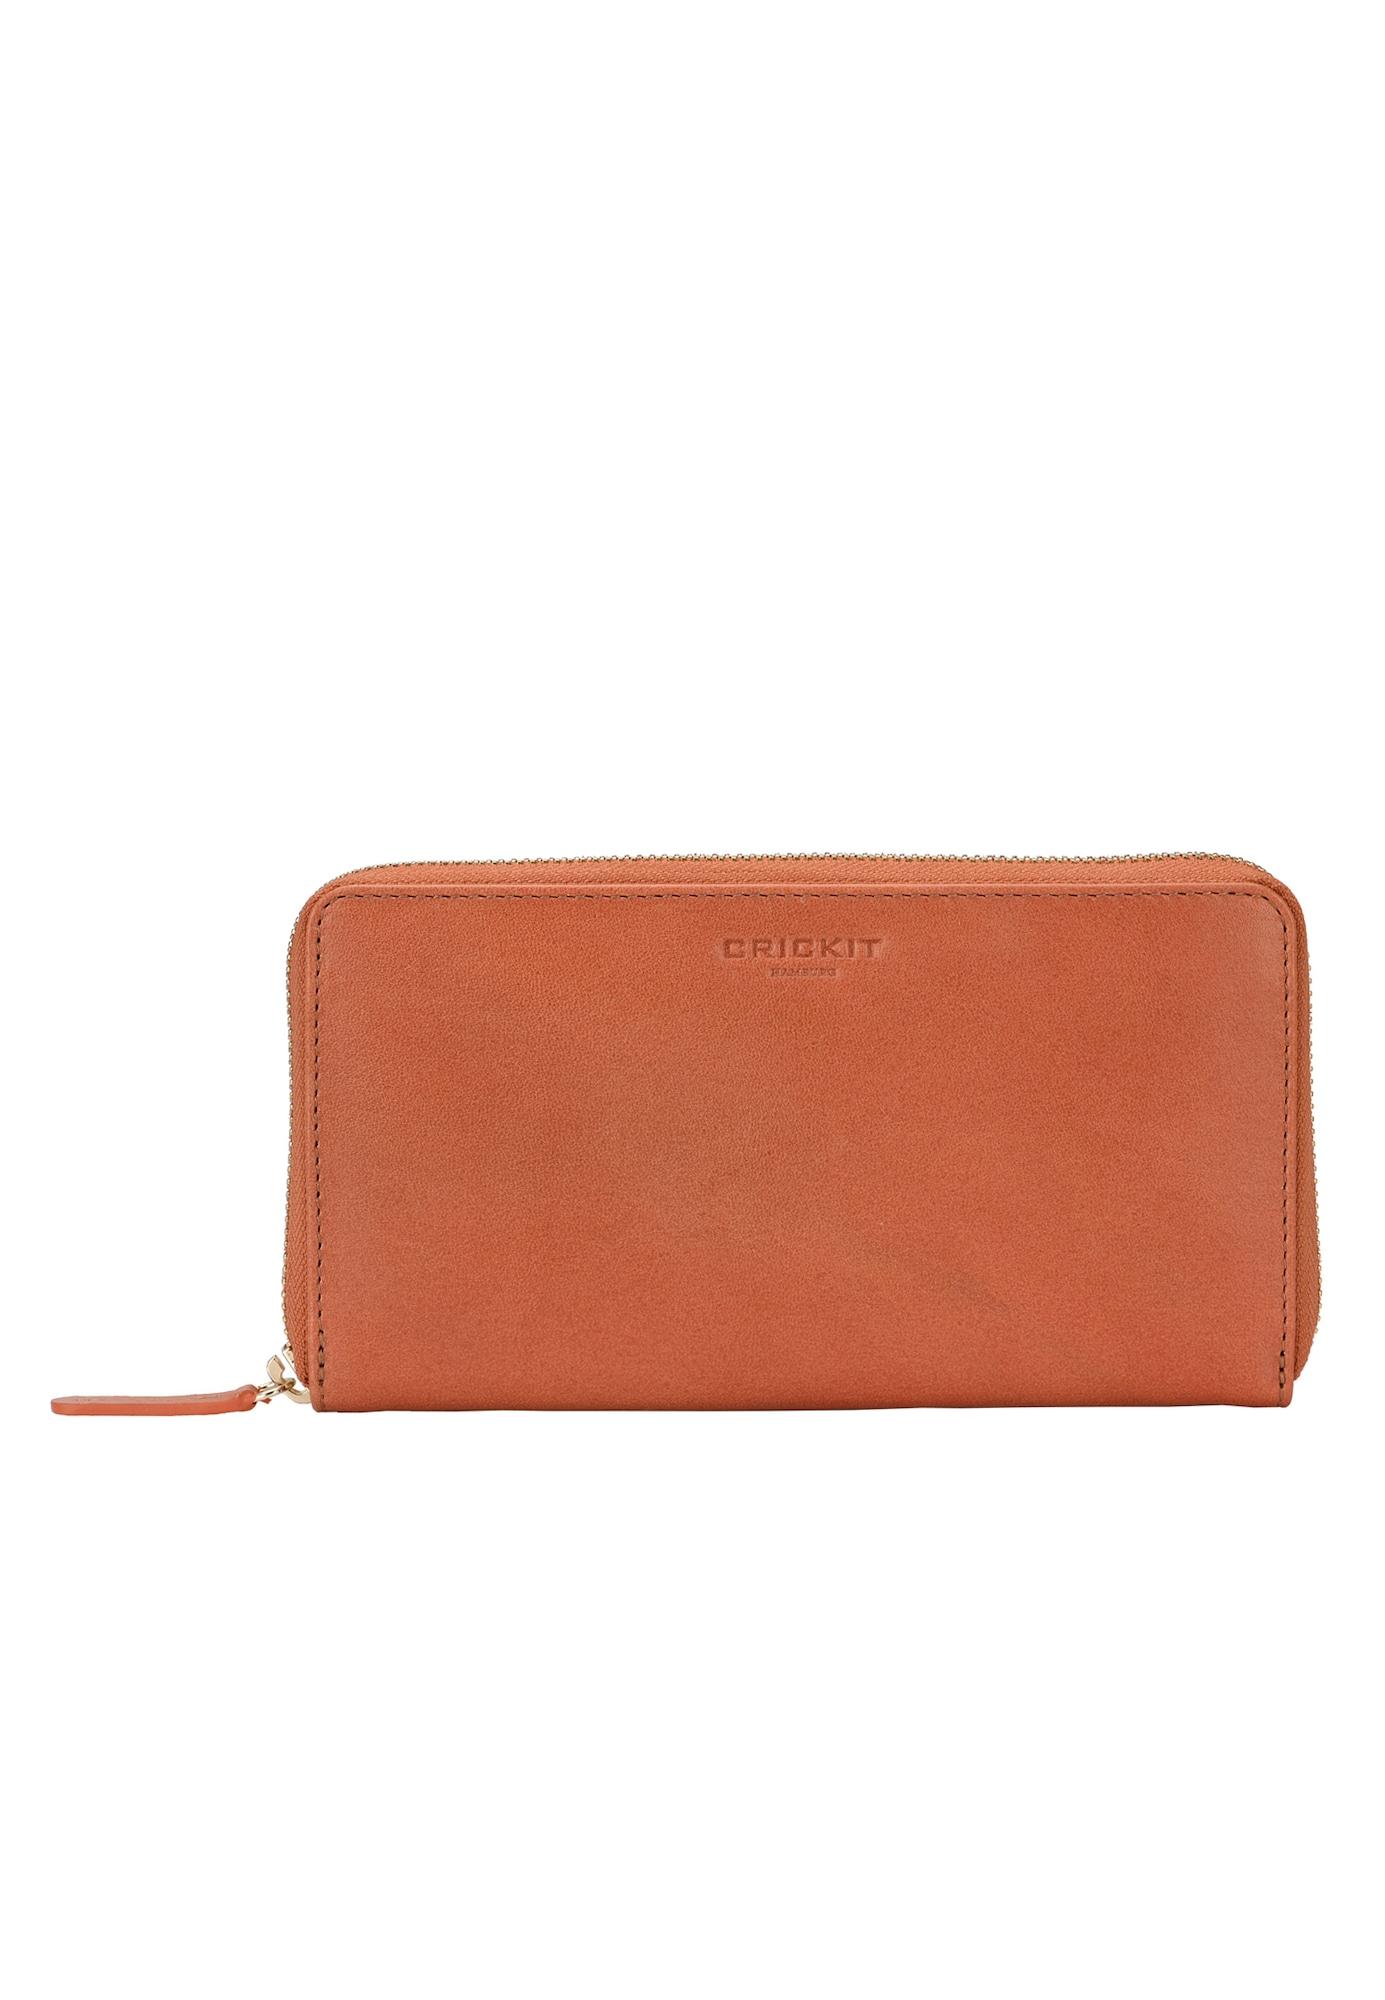 Portemonnaie   Accessoires > Portemonnaies > Sonstige Portemonnaies   Crickit